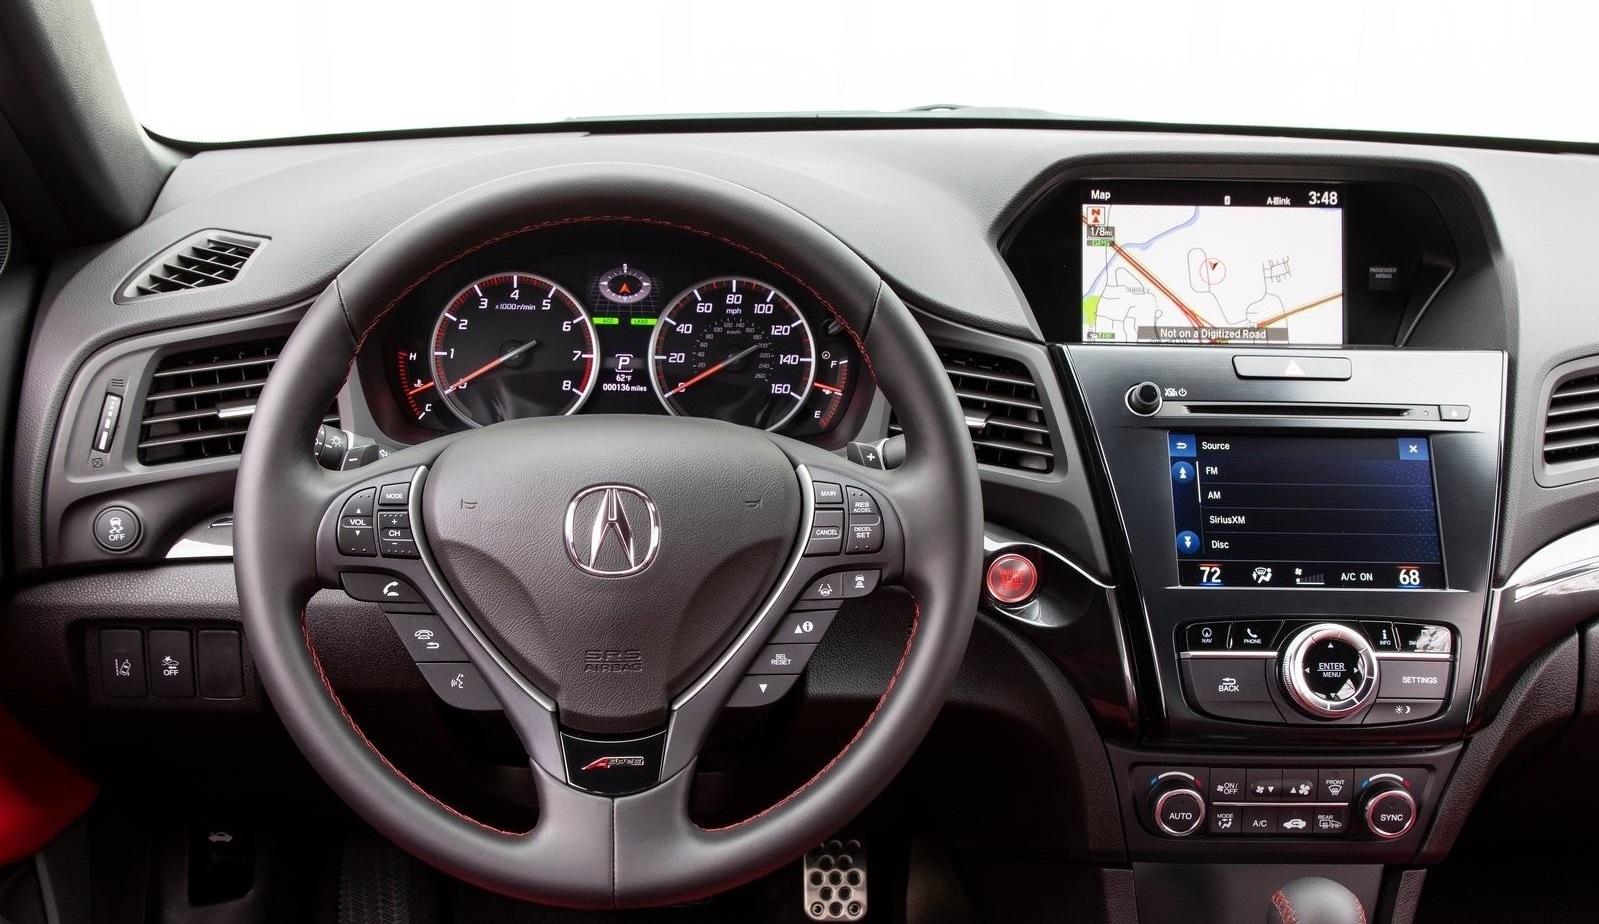 El Acura ILX A-Spec 2019 no responde de manera óptima a bajas revoluciones